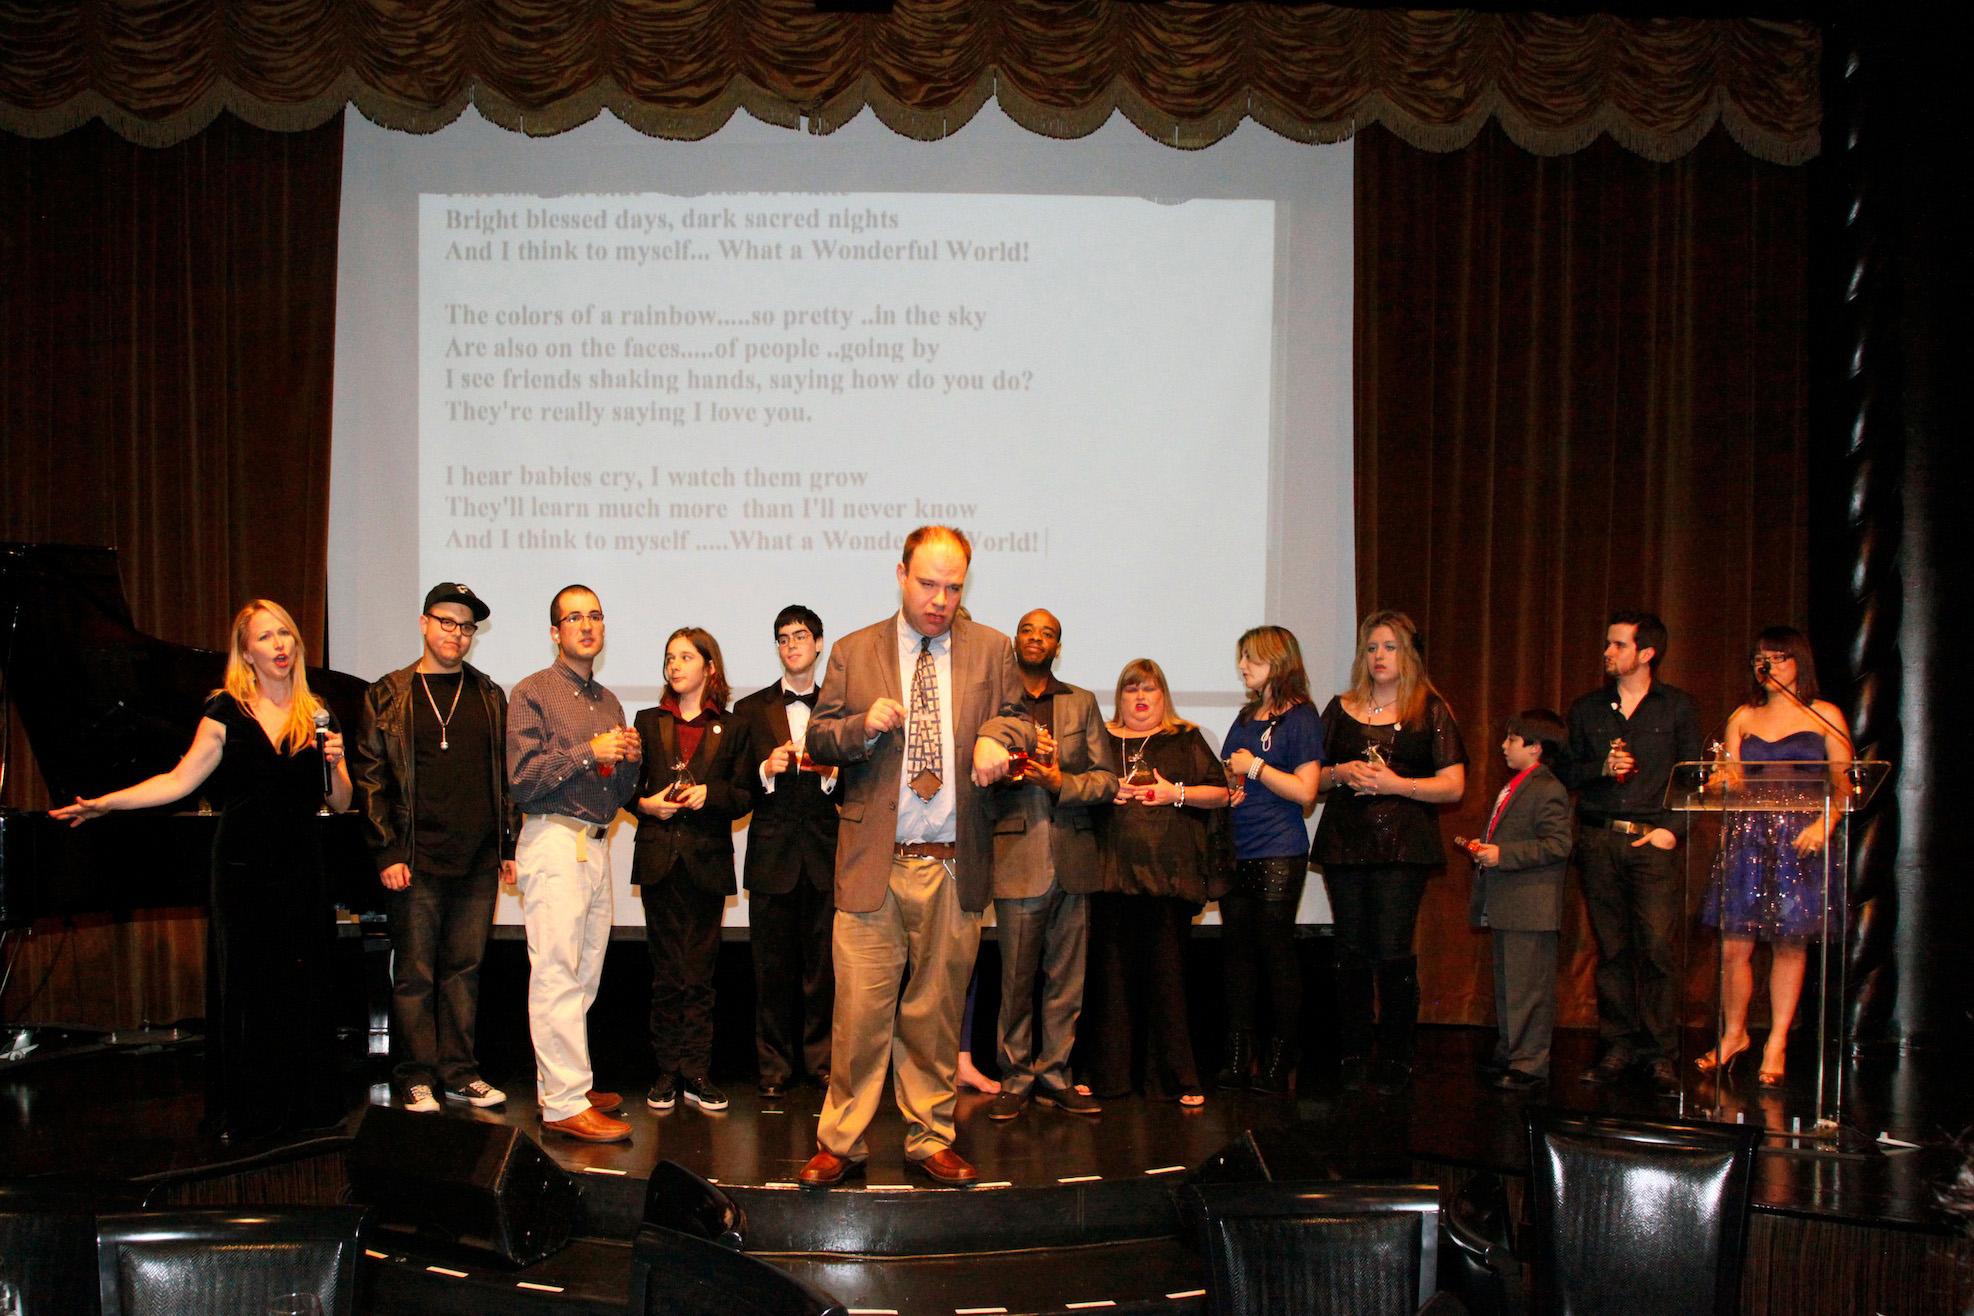 Trent Altman at Genius of Autism Awards